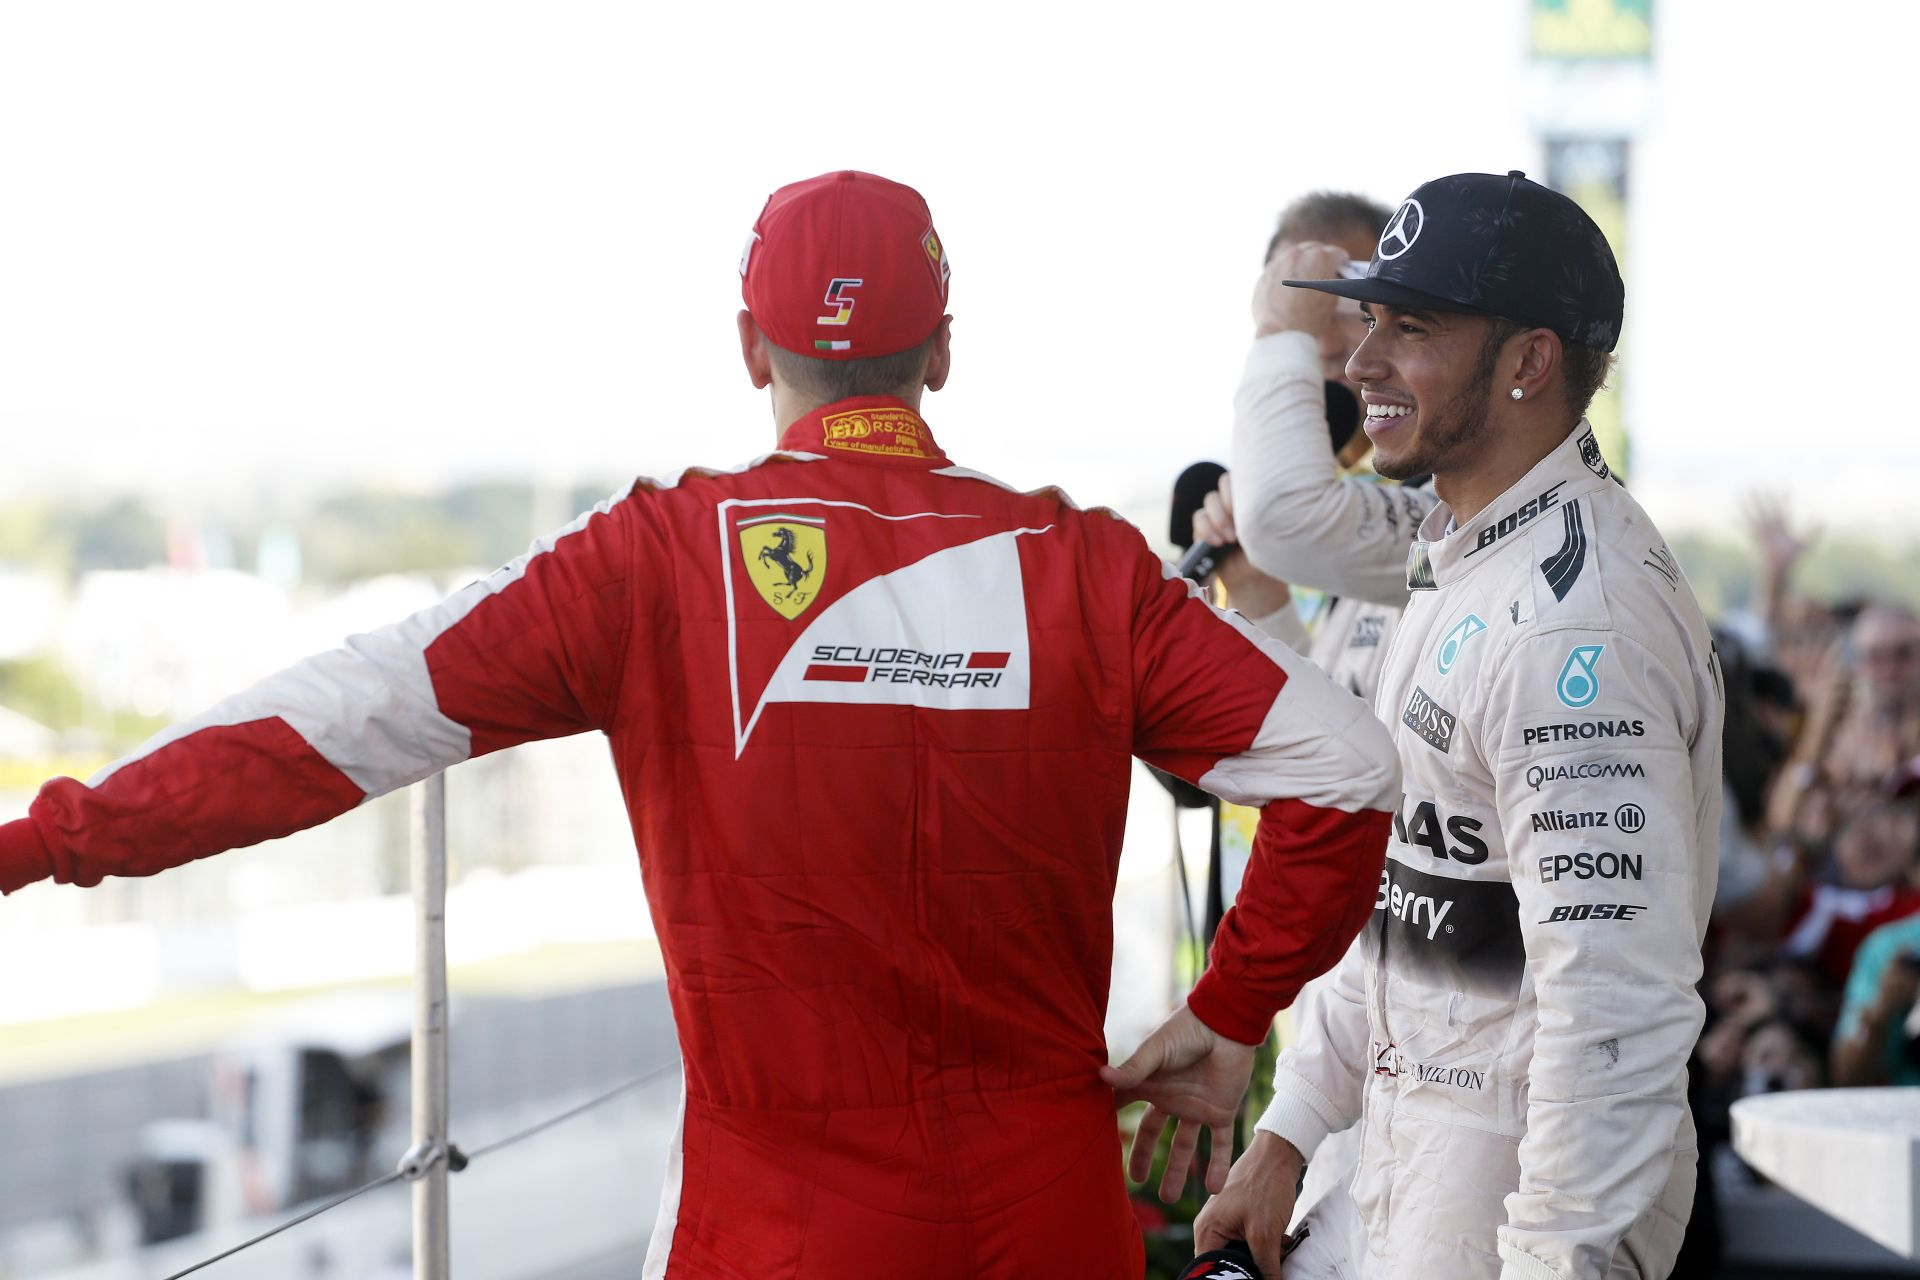 Összefog a Red Bull és a Ferrari a Mercedes ellen? Közös erővel a trónfosztásért